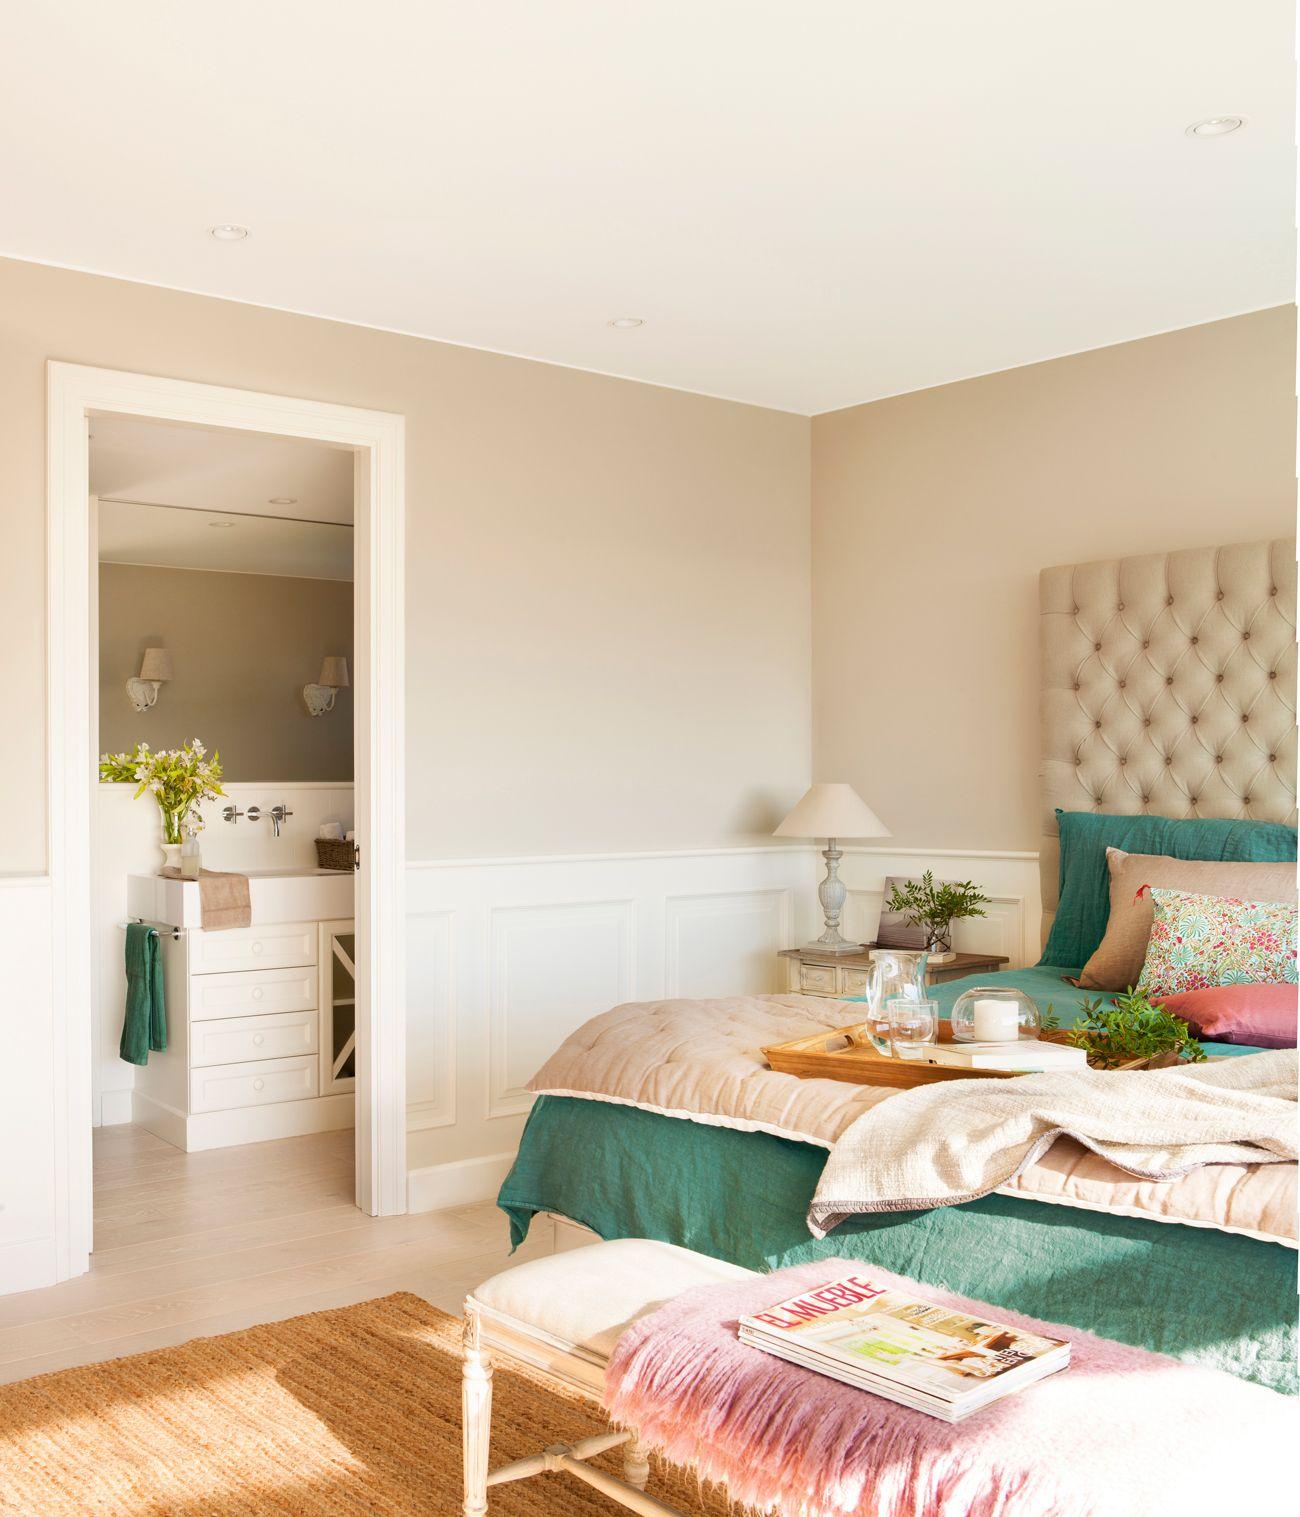 Todo lo que debe tener un dormitorio para ser perfecto - Pintura de dormitorios matrimoniales ...